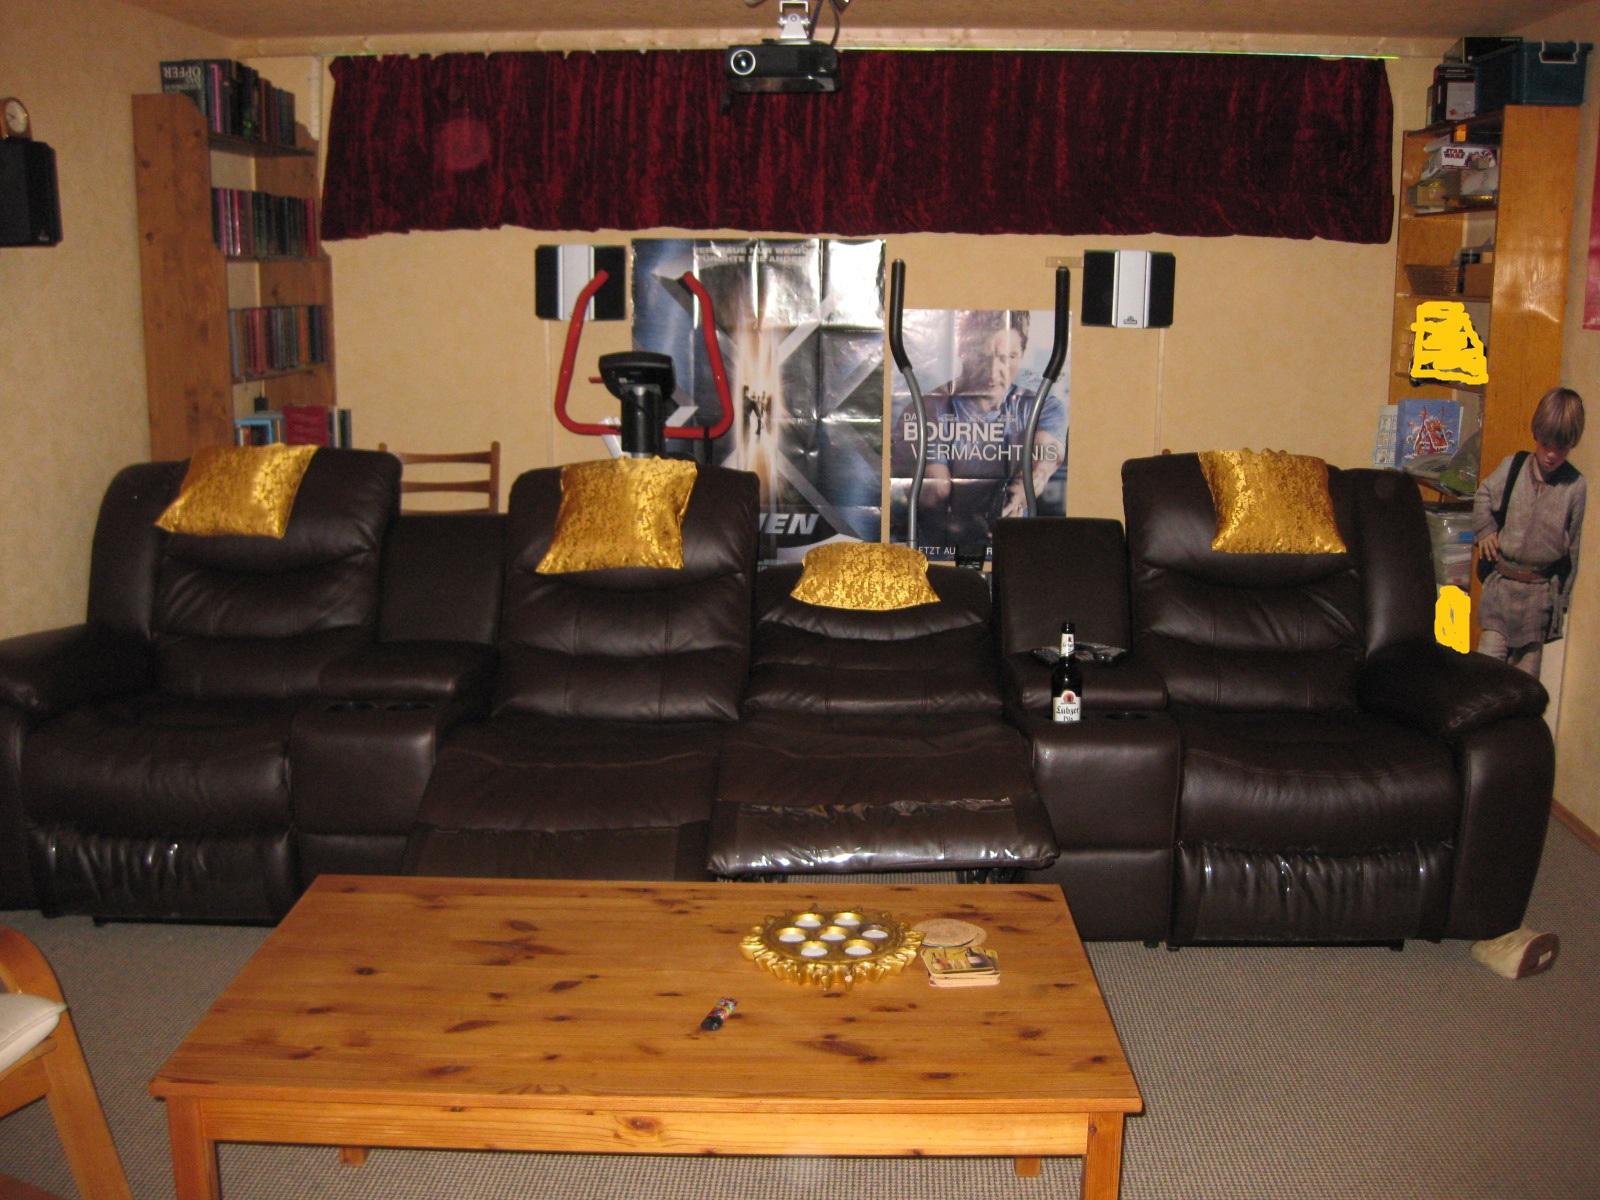 heimkino mit schalldurchl ssiger leinwand als mehrzweckraum heimkino heimkinokeller leinwand. Black Bedroom Furniture Sets. Home Design Ideas